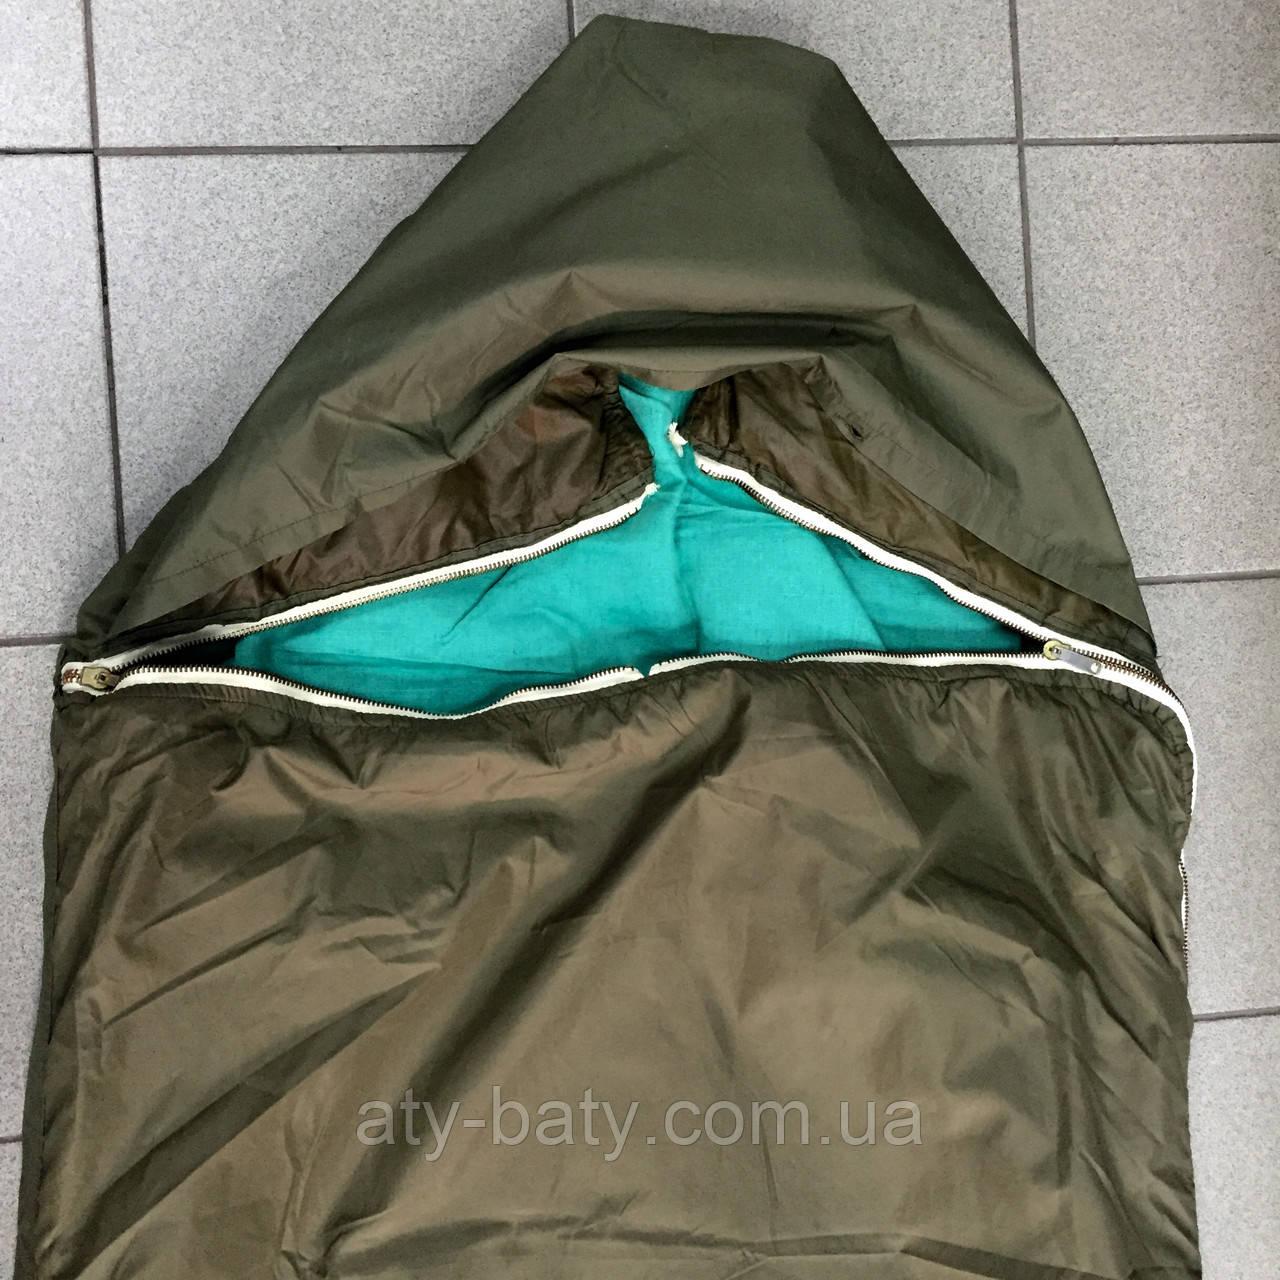 Спальный мешок, Чехия ( Оригинал, новый ), фото 1